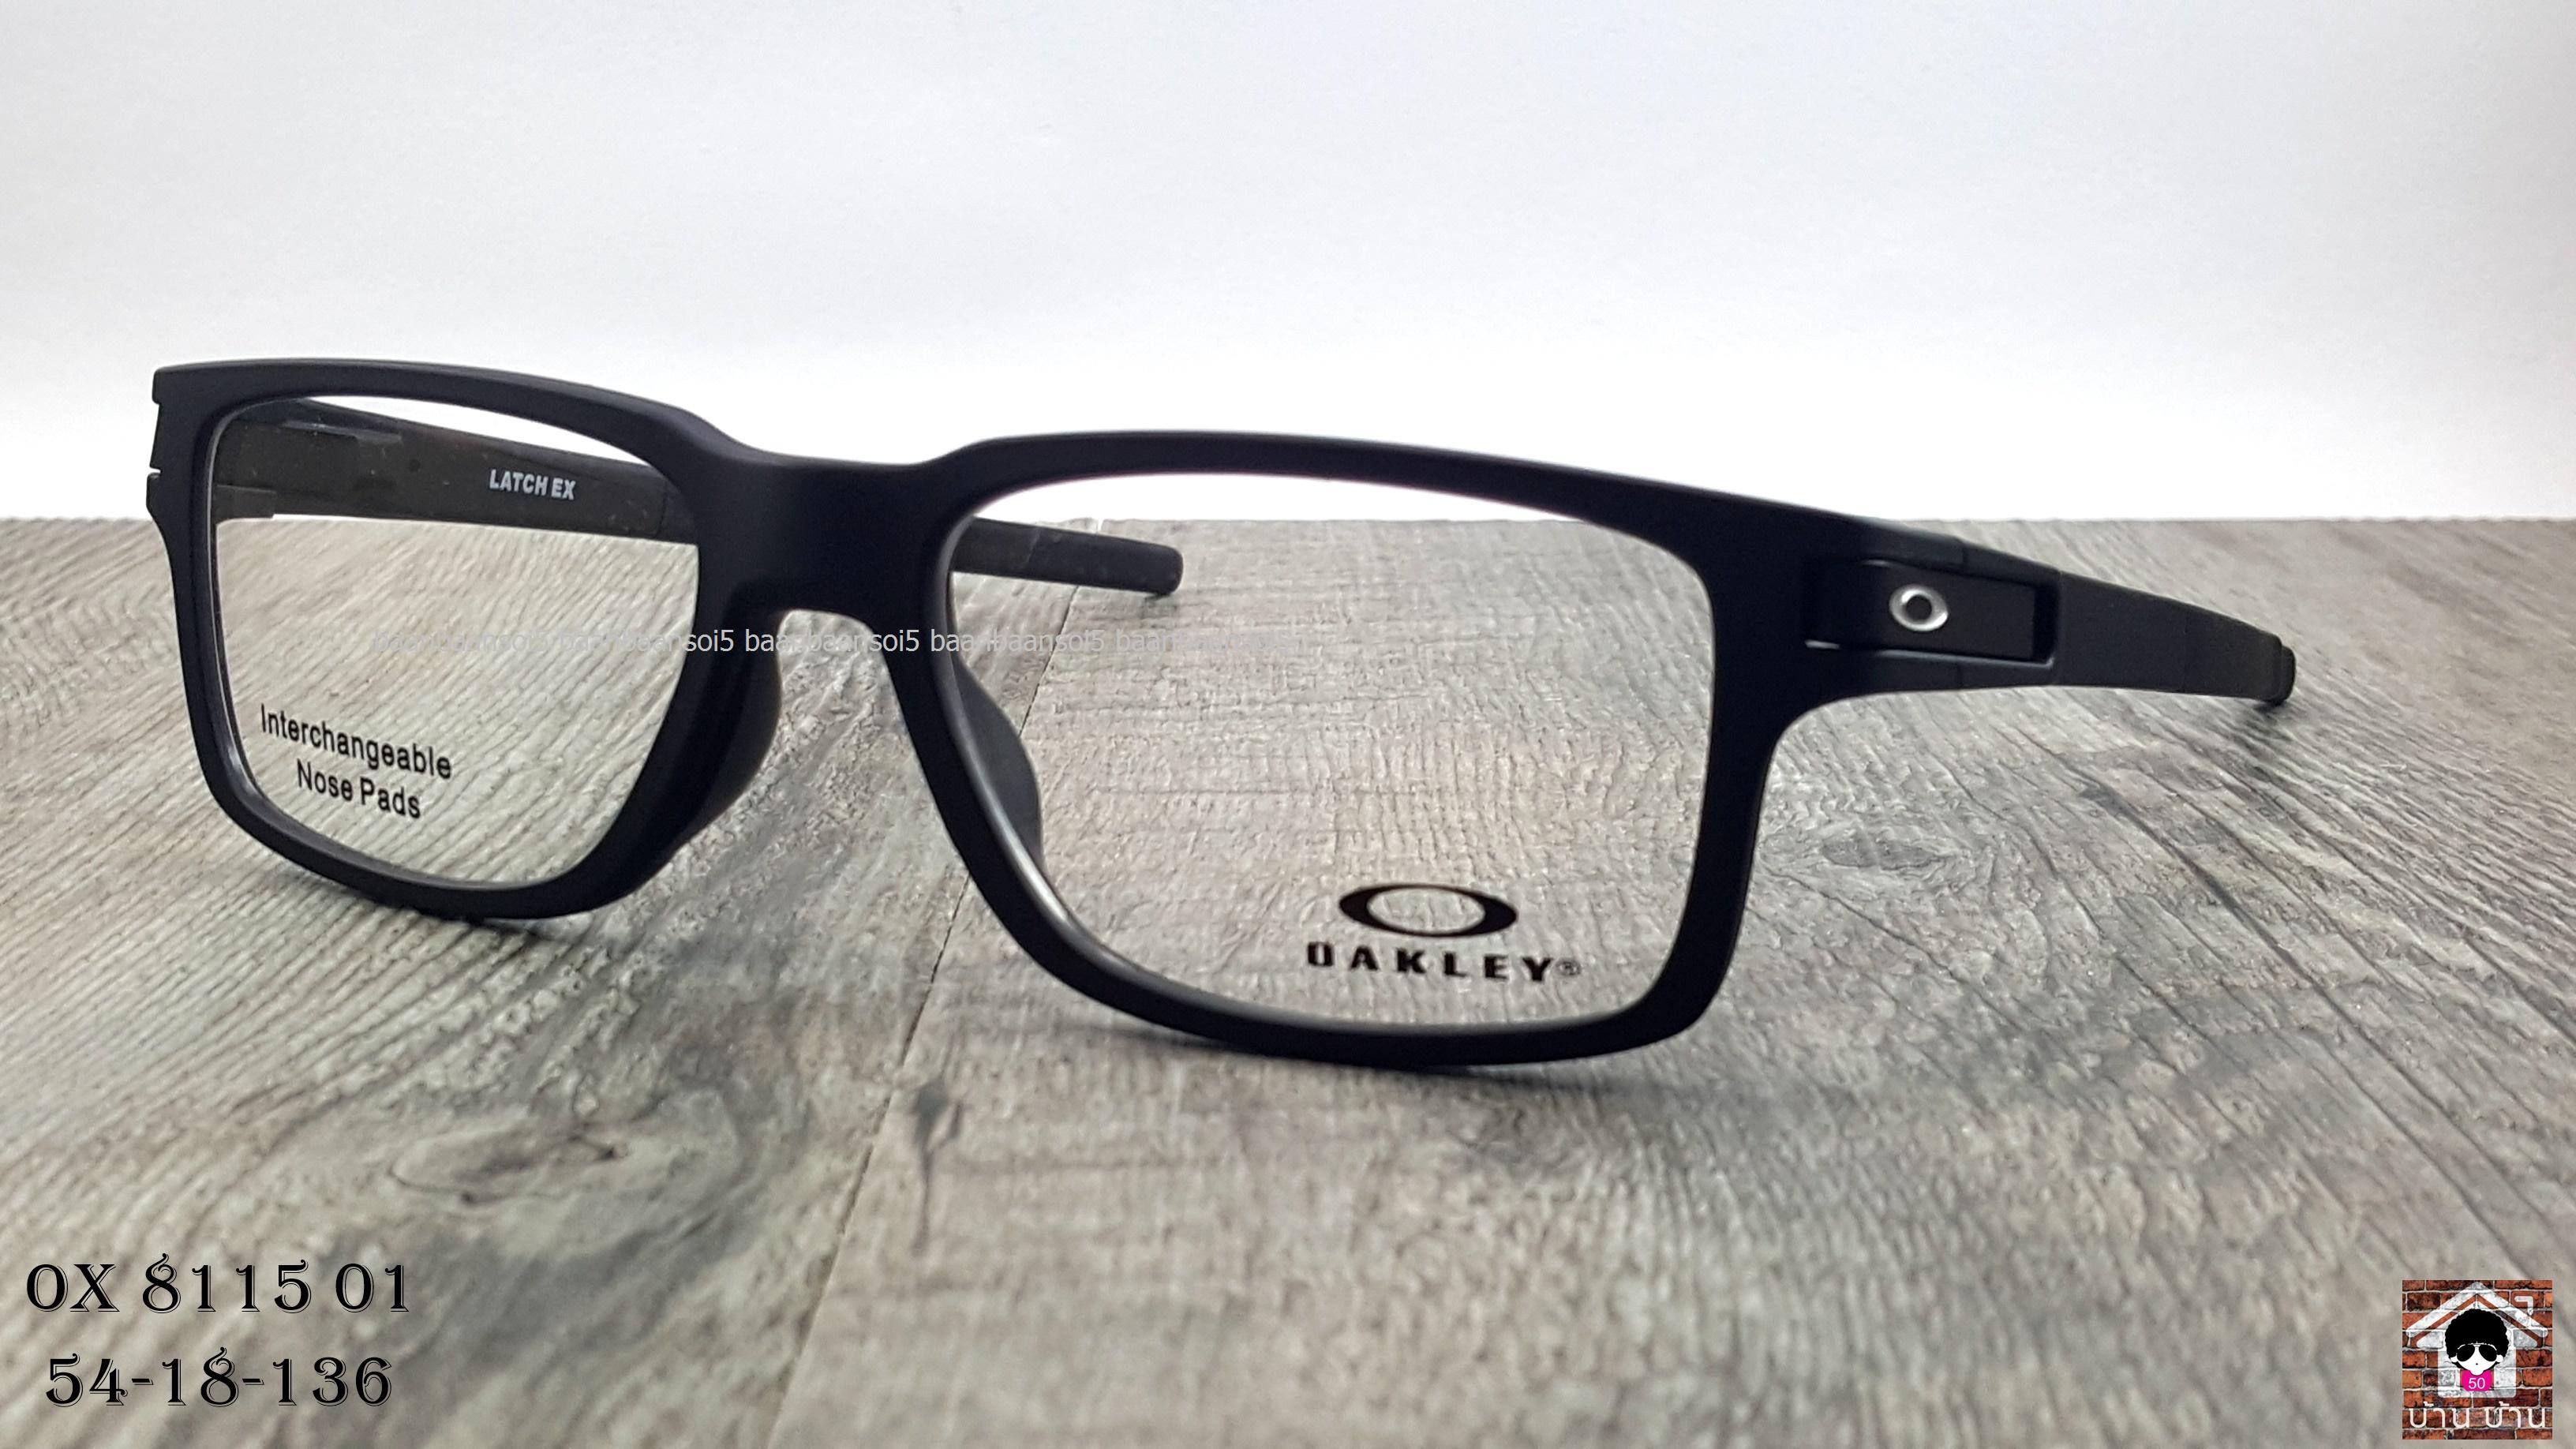 OAKLEY OX8115-01 Latch EX โปรโมชั่น กรอบแว่นตาพร้อมเลนส์ HOYA ราคา 4,700 บาท